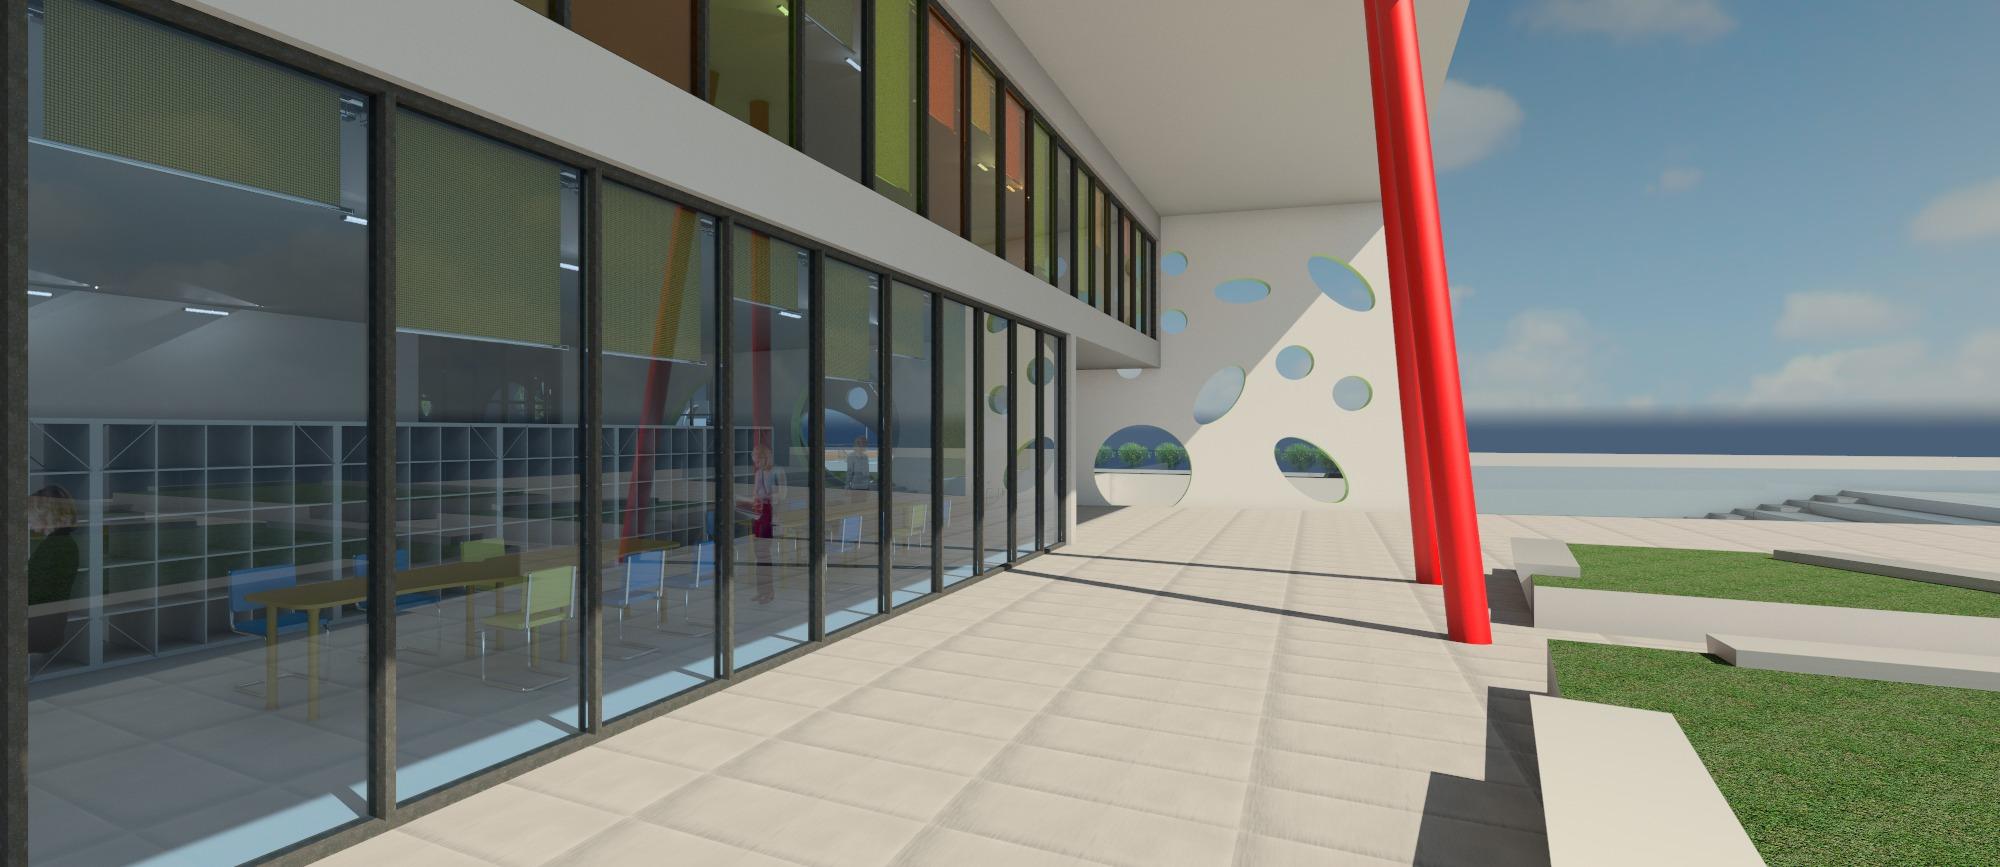 Raas-rendering20150112-29901-1vhz12j